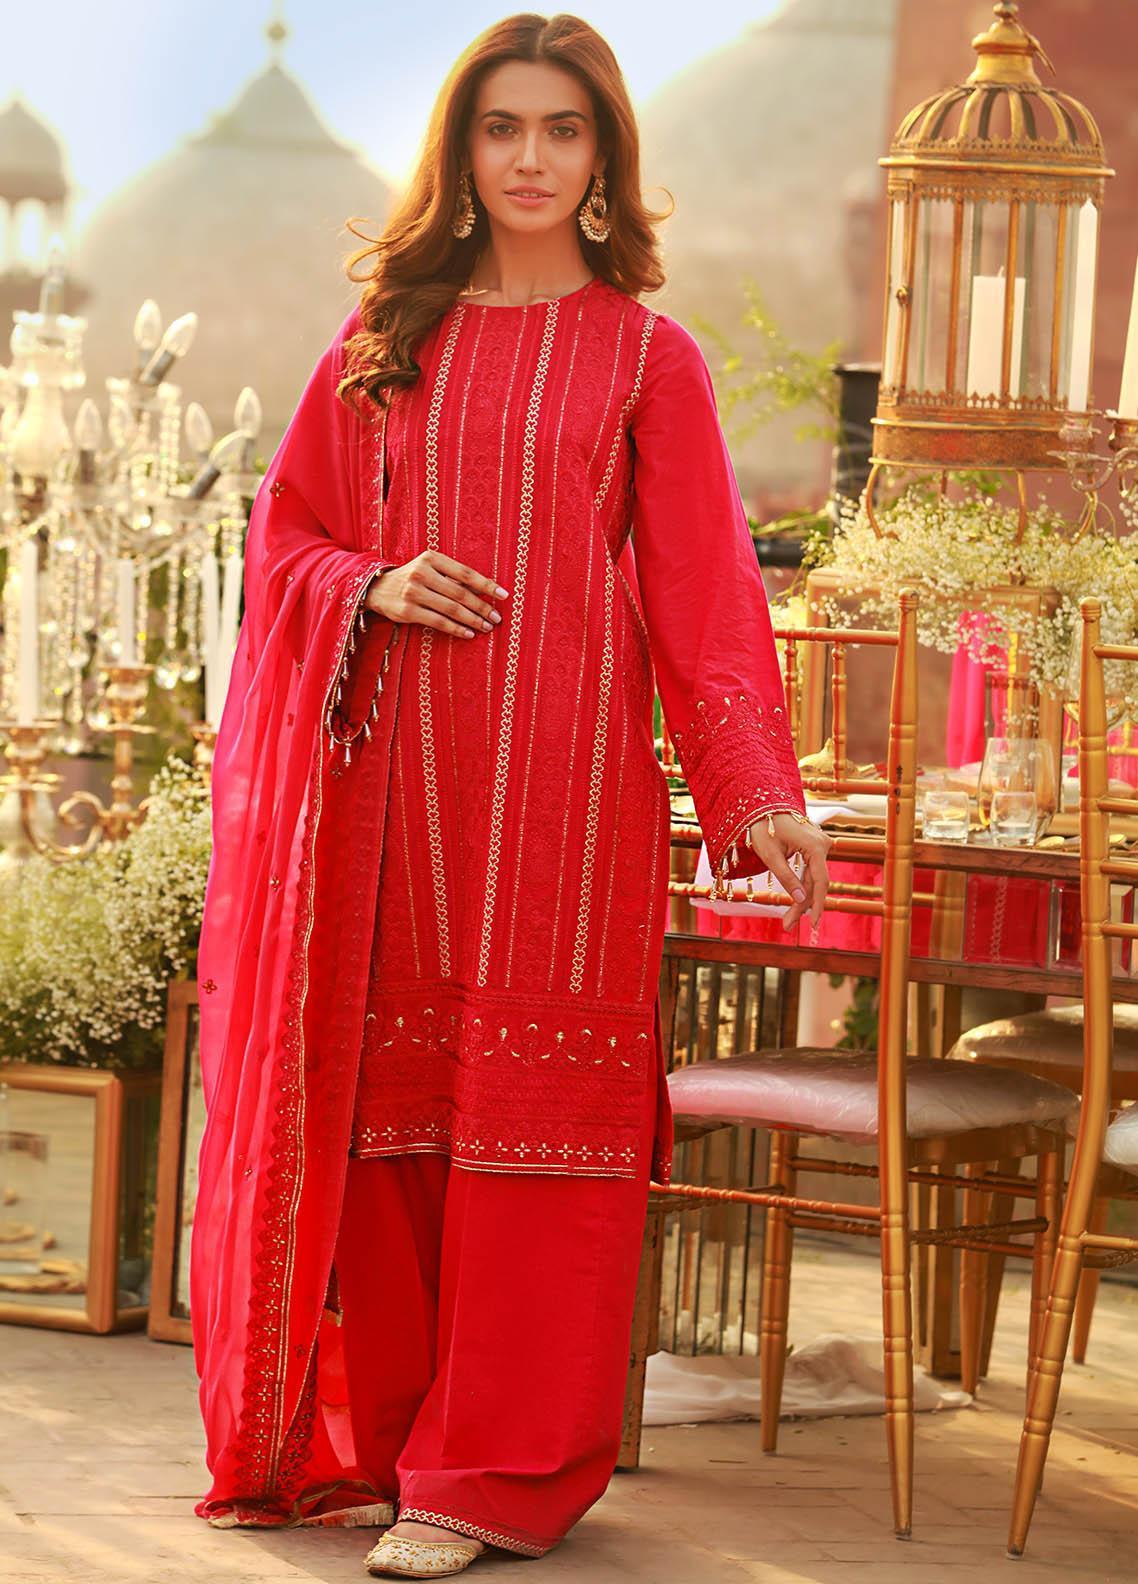 Saira Rizwan Embroidered Lawn Suits Unstitched 3 Piece SR21E 04 Della - Eid Collection